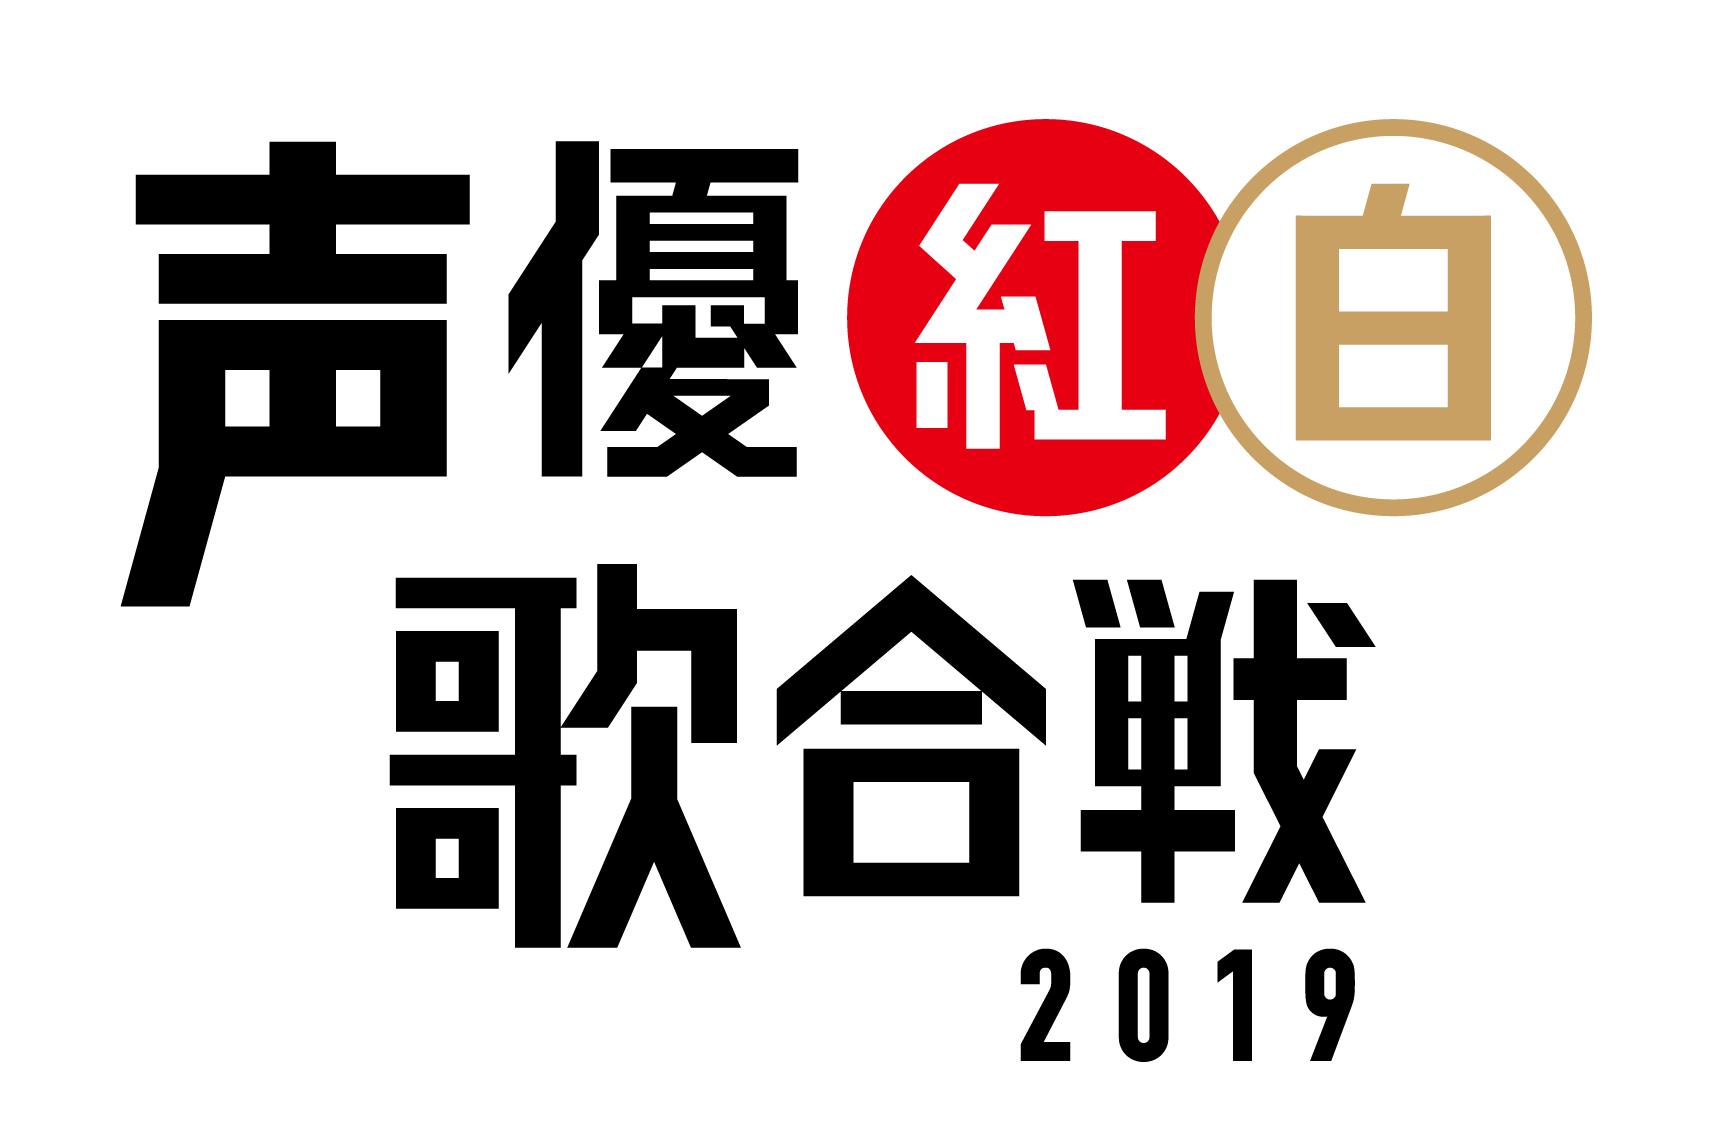 『声優紅白歌合戦』ロゴ (C)2018 「声優紅白歌合戦」実行委員会